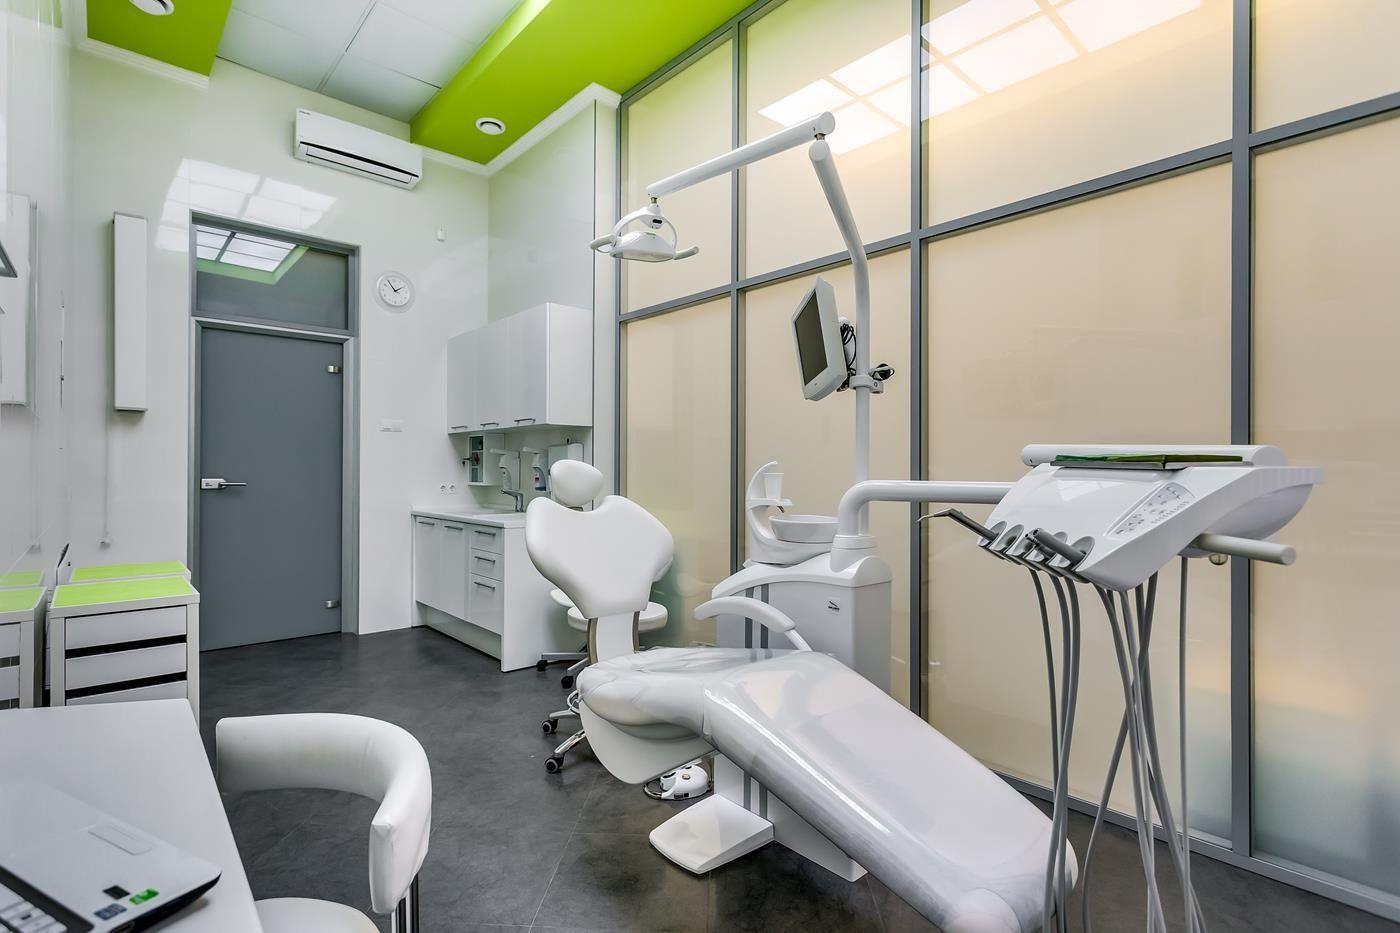 Лучшие платные стоматологические клиники для детей в Нижнем Новгороде в 2020 году